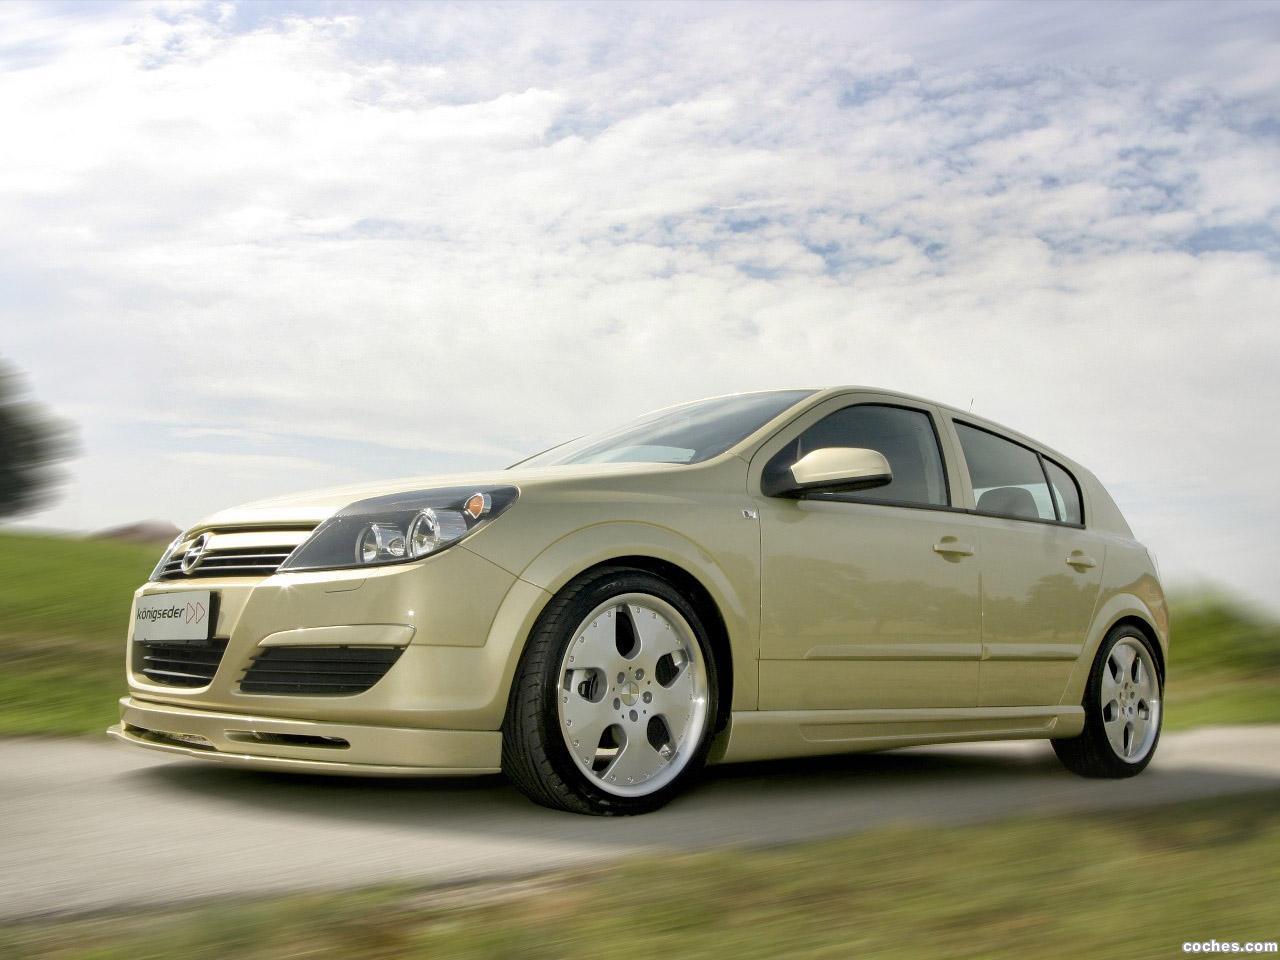 Foto 0 de Konigseder Opel Astra H 2010